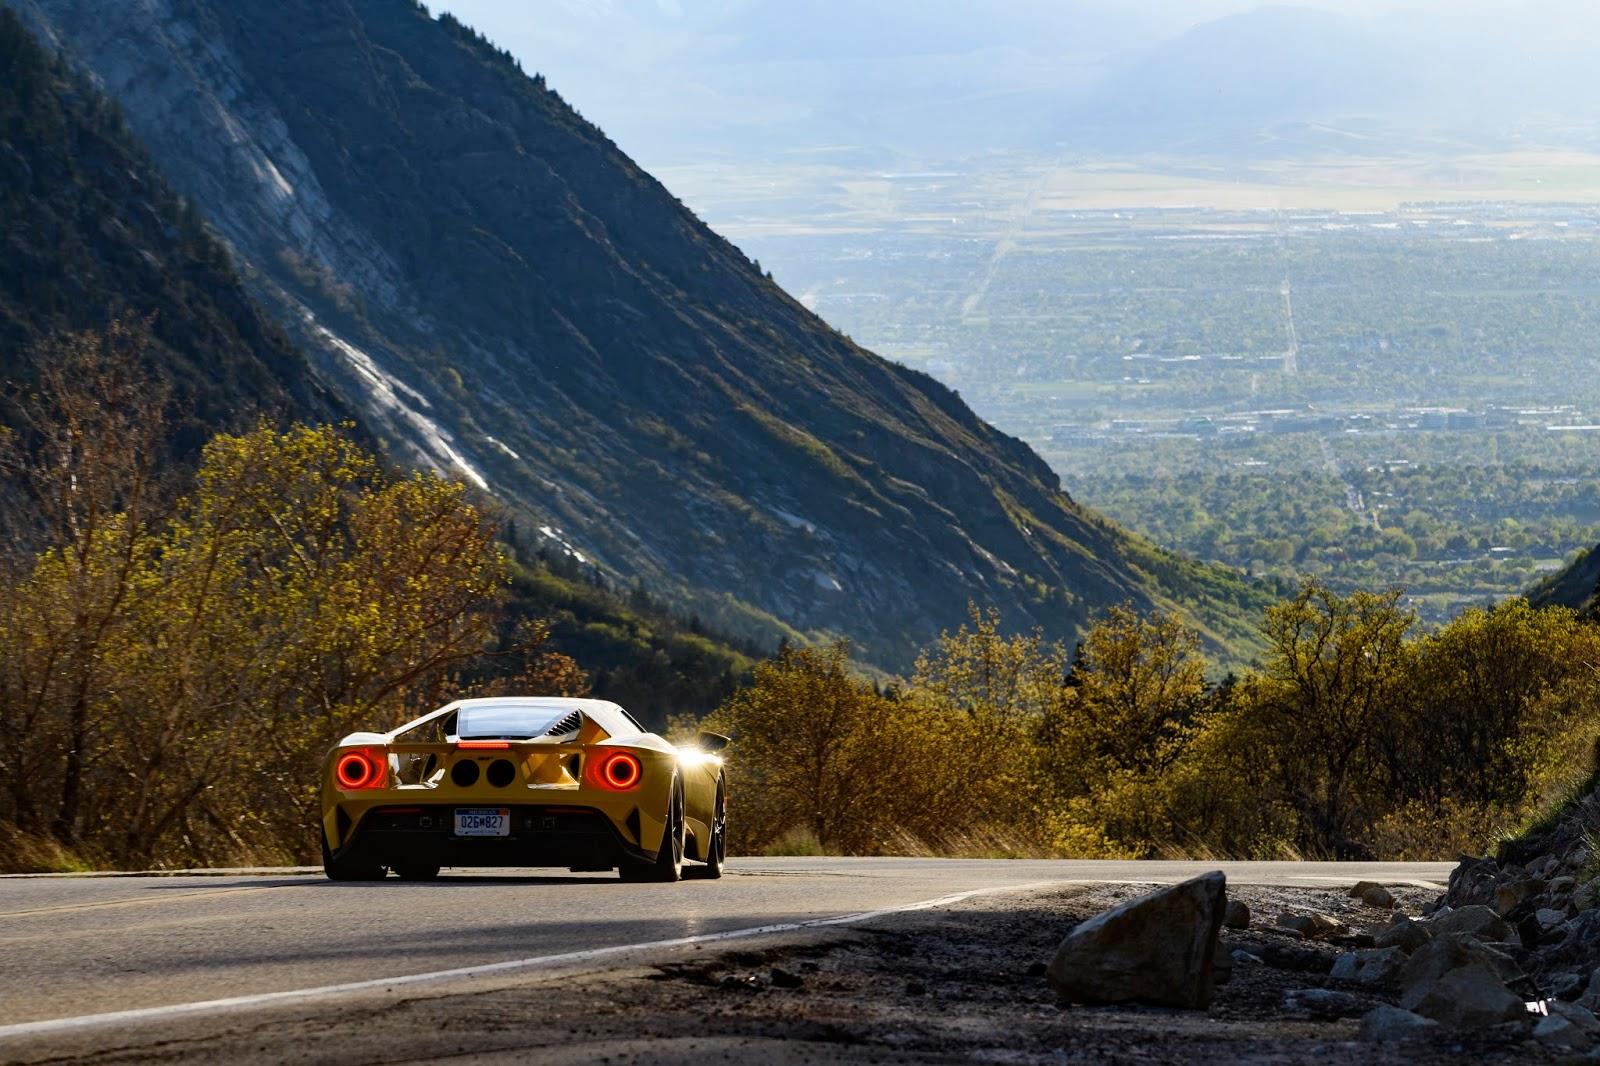 All NewFordGT Innovations 22 Ford GT : Το αυτοκίνητο του αύριο... σήμερα Ford, Ford GT, Ford GT 40, Future, supercars, τεχνικά, Τεχνολογία